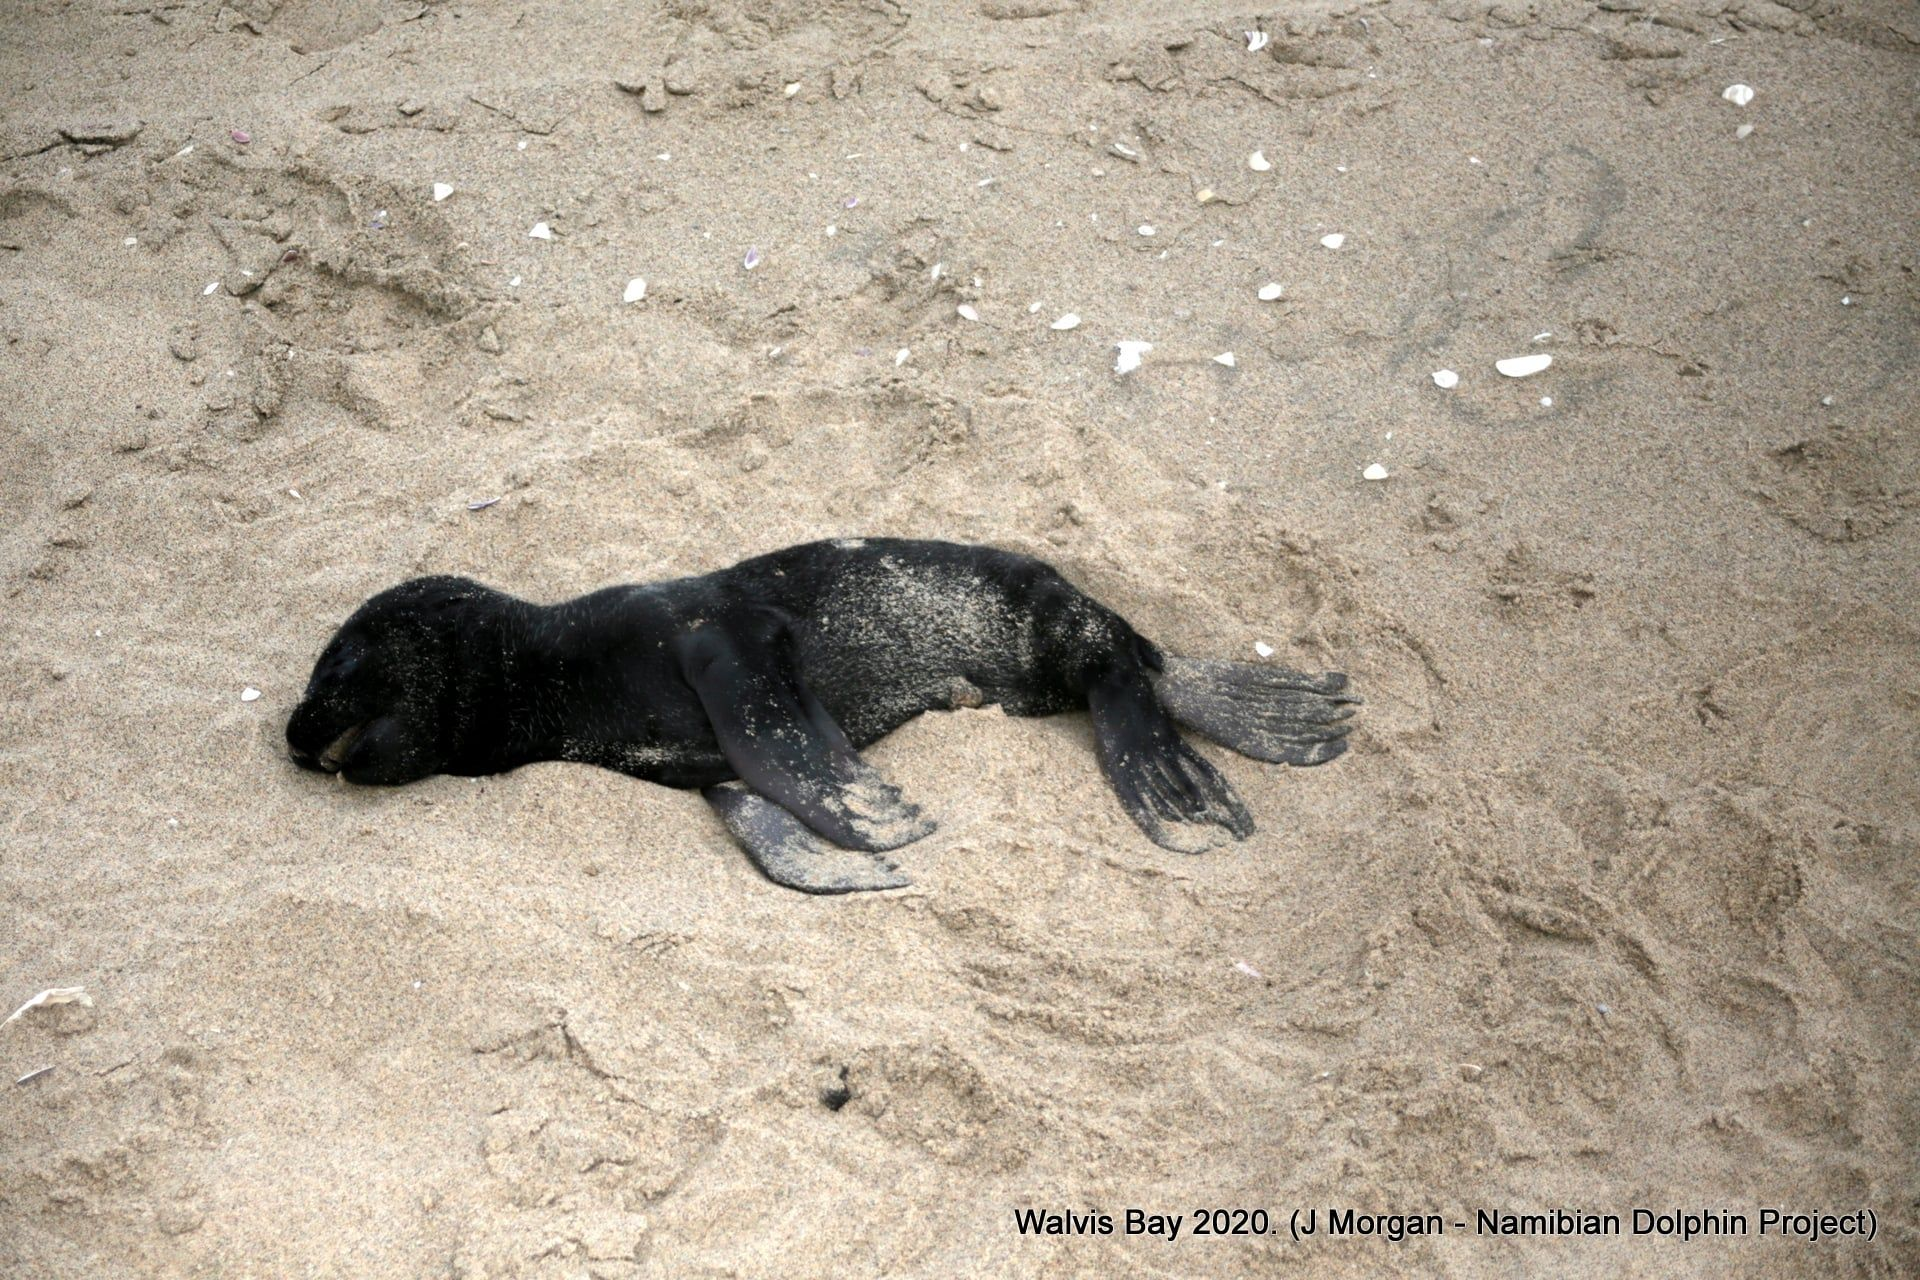 В Намибии на побережье нашли тысячи мертвых тюленей